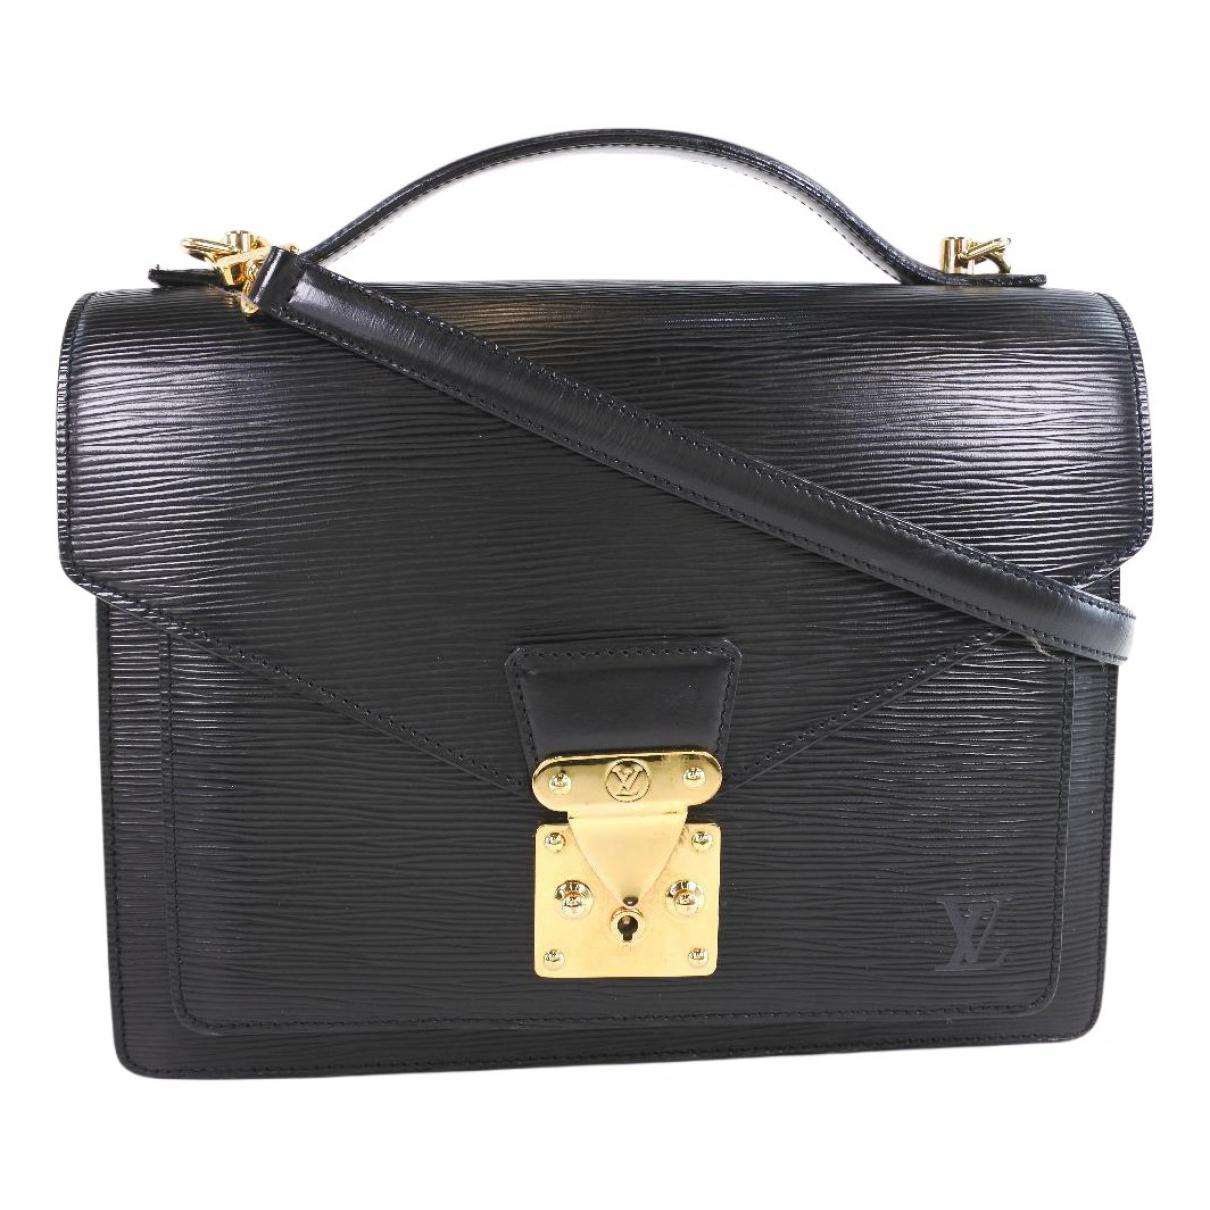 Louis Vuitton - Sac a main Monceau pour femme en cuir - noir